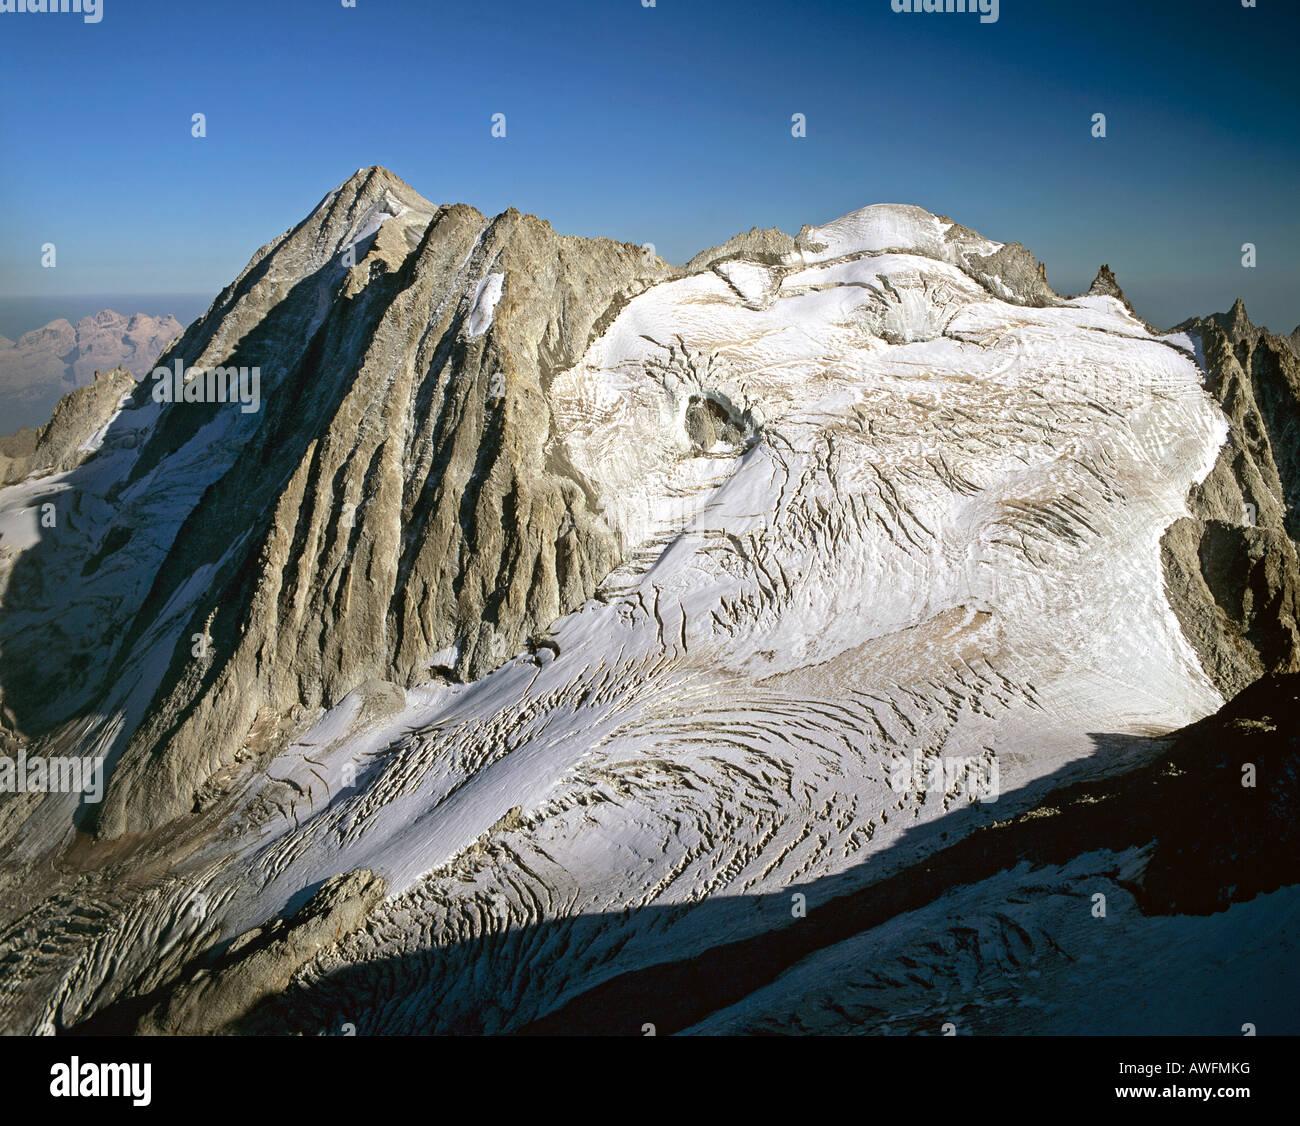 Mt. Presanella, Adamello-Presanella Group, Trentino, Southern Alps, Italy, Europe - Stock Image